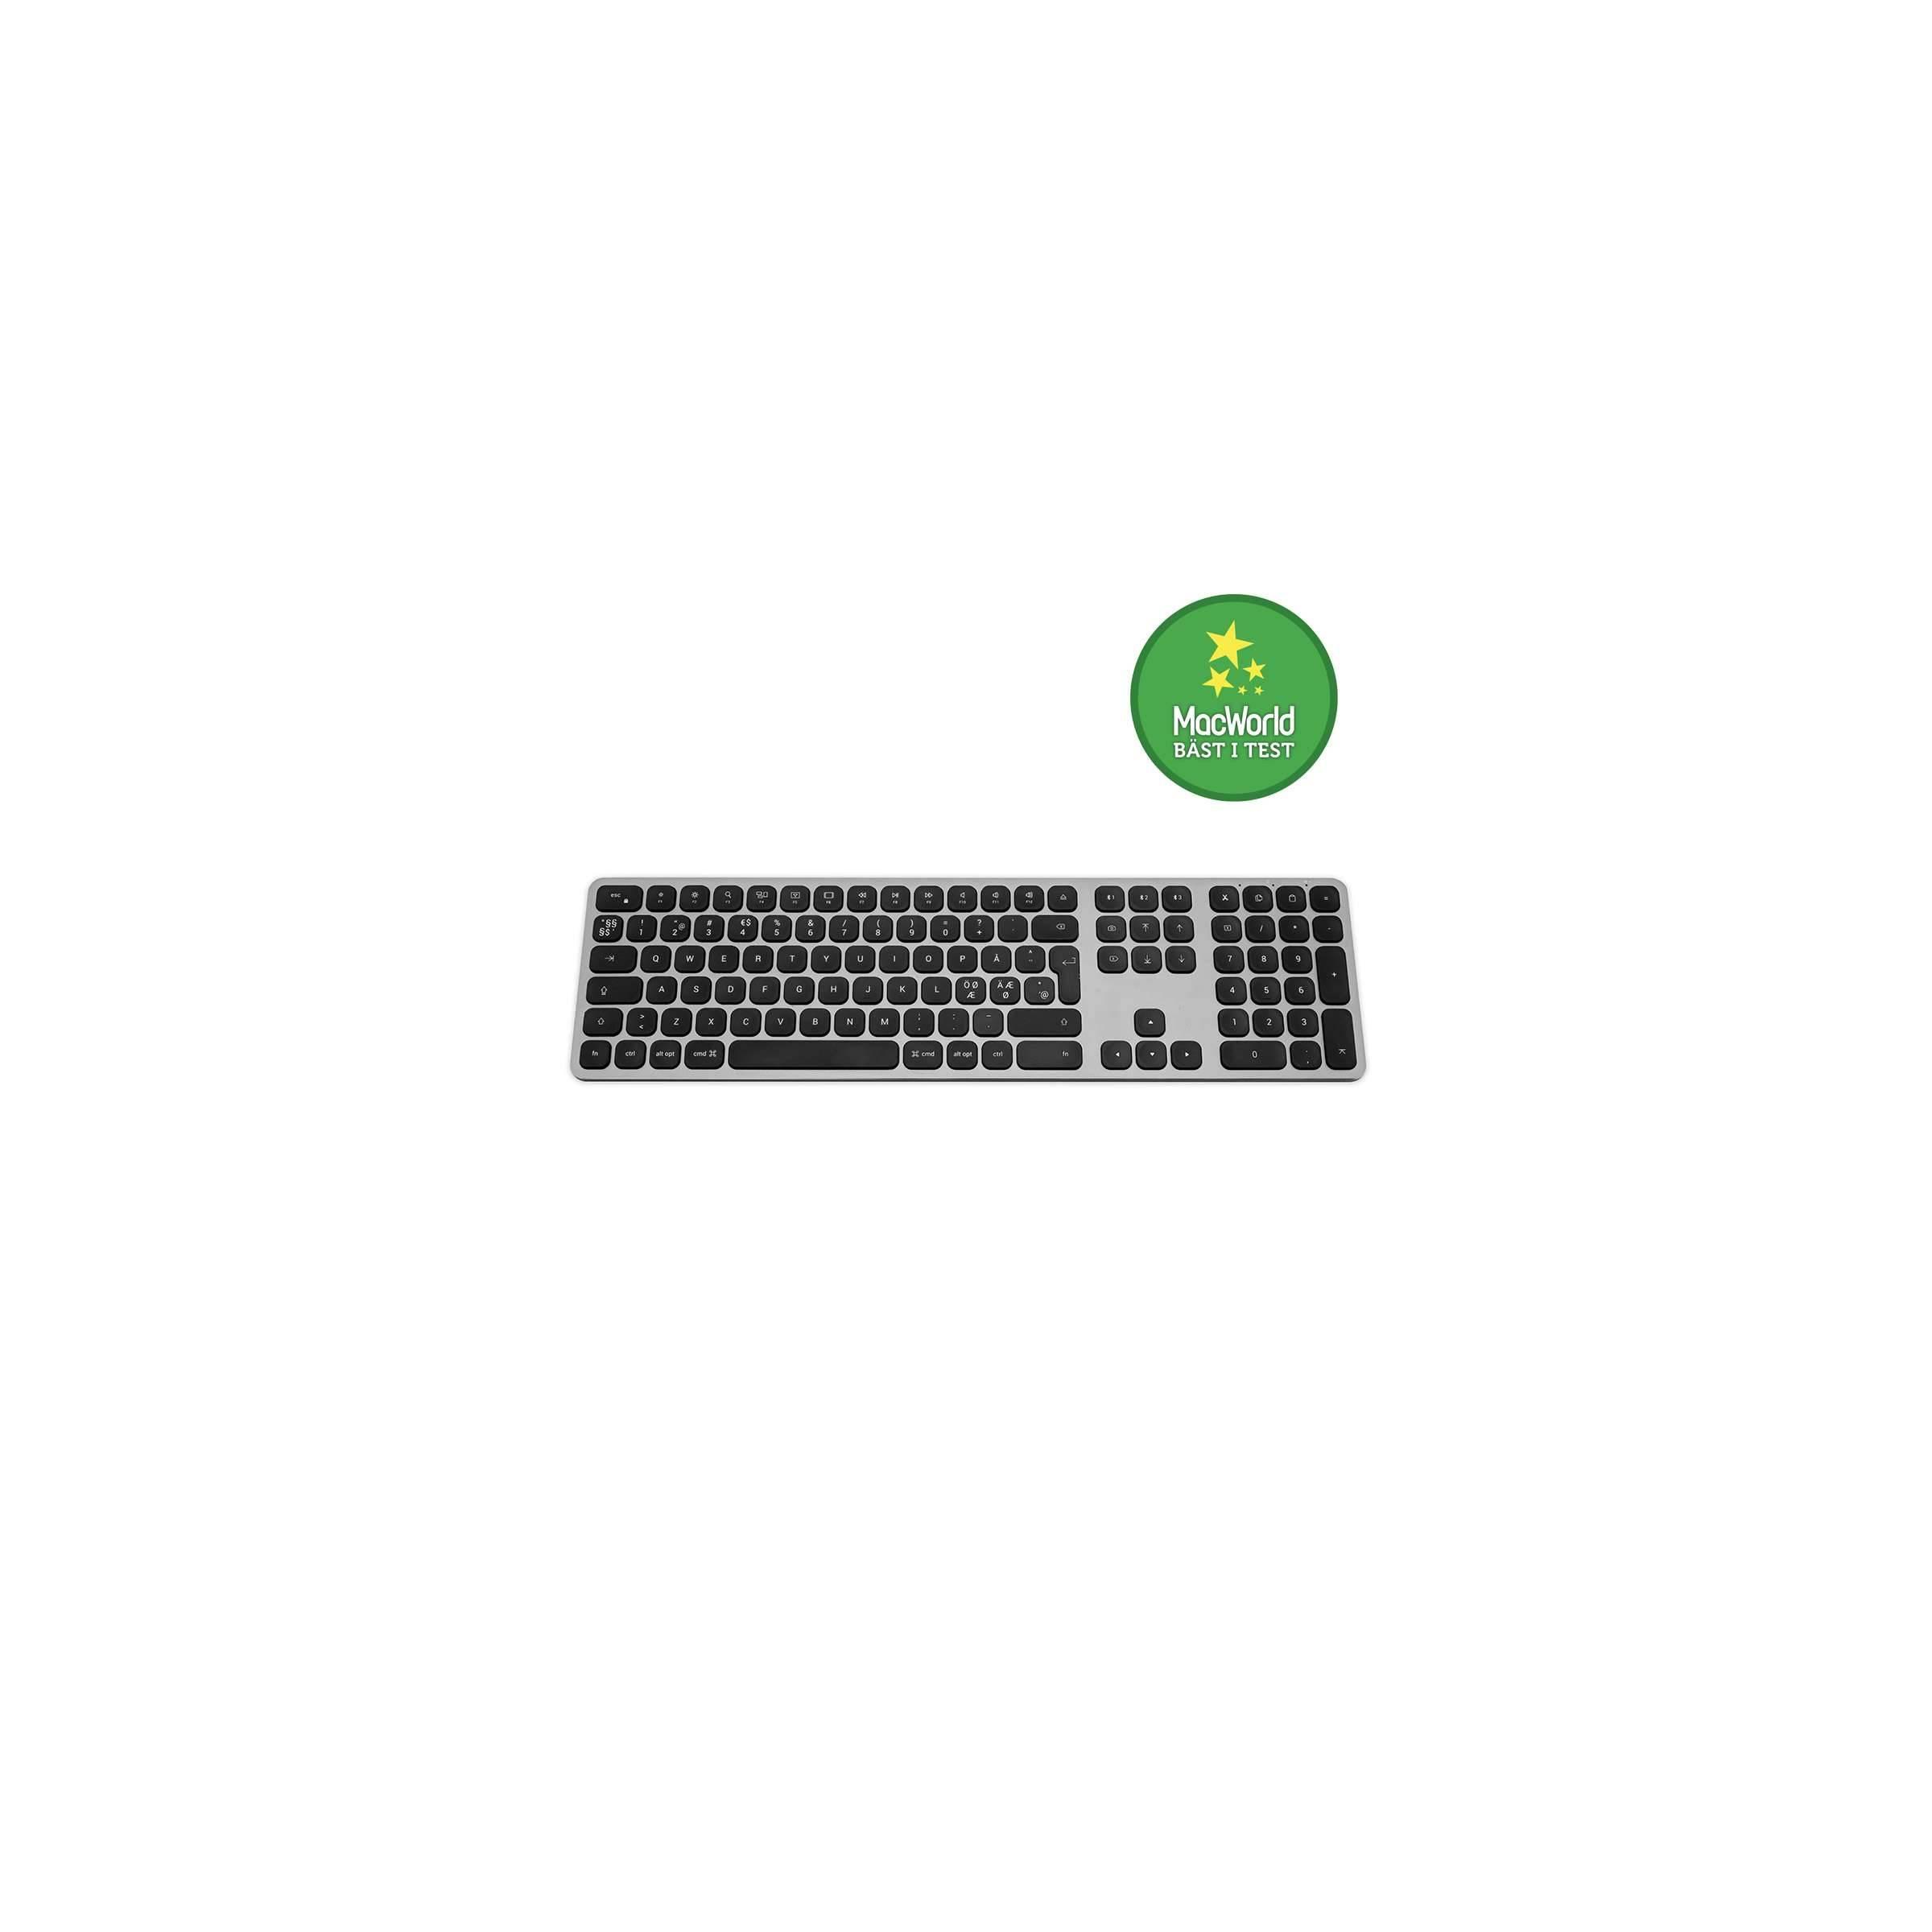 Satechi trådløs bt tastatur nordic layout (m. æøå) farve space grey fra satechi på mackabler.dk